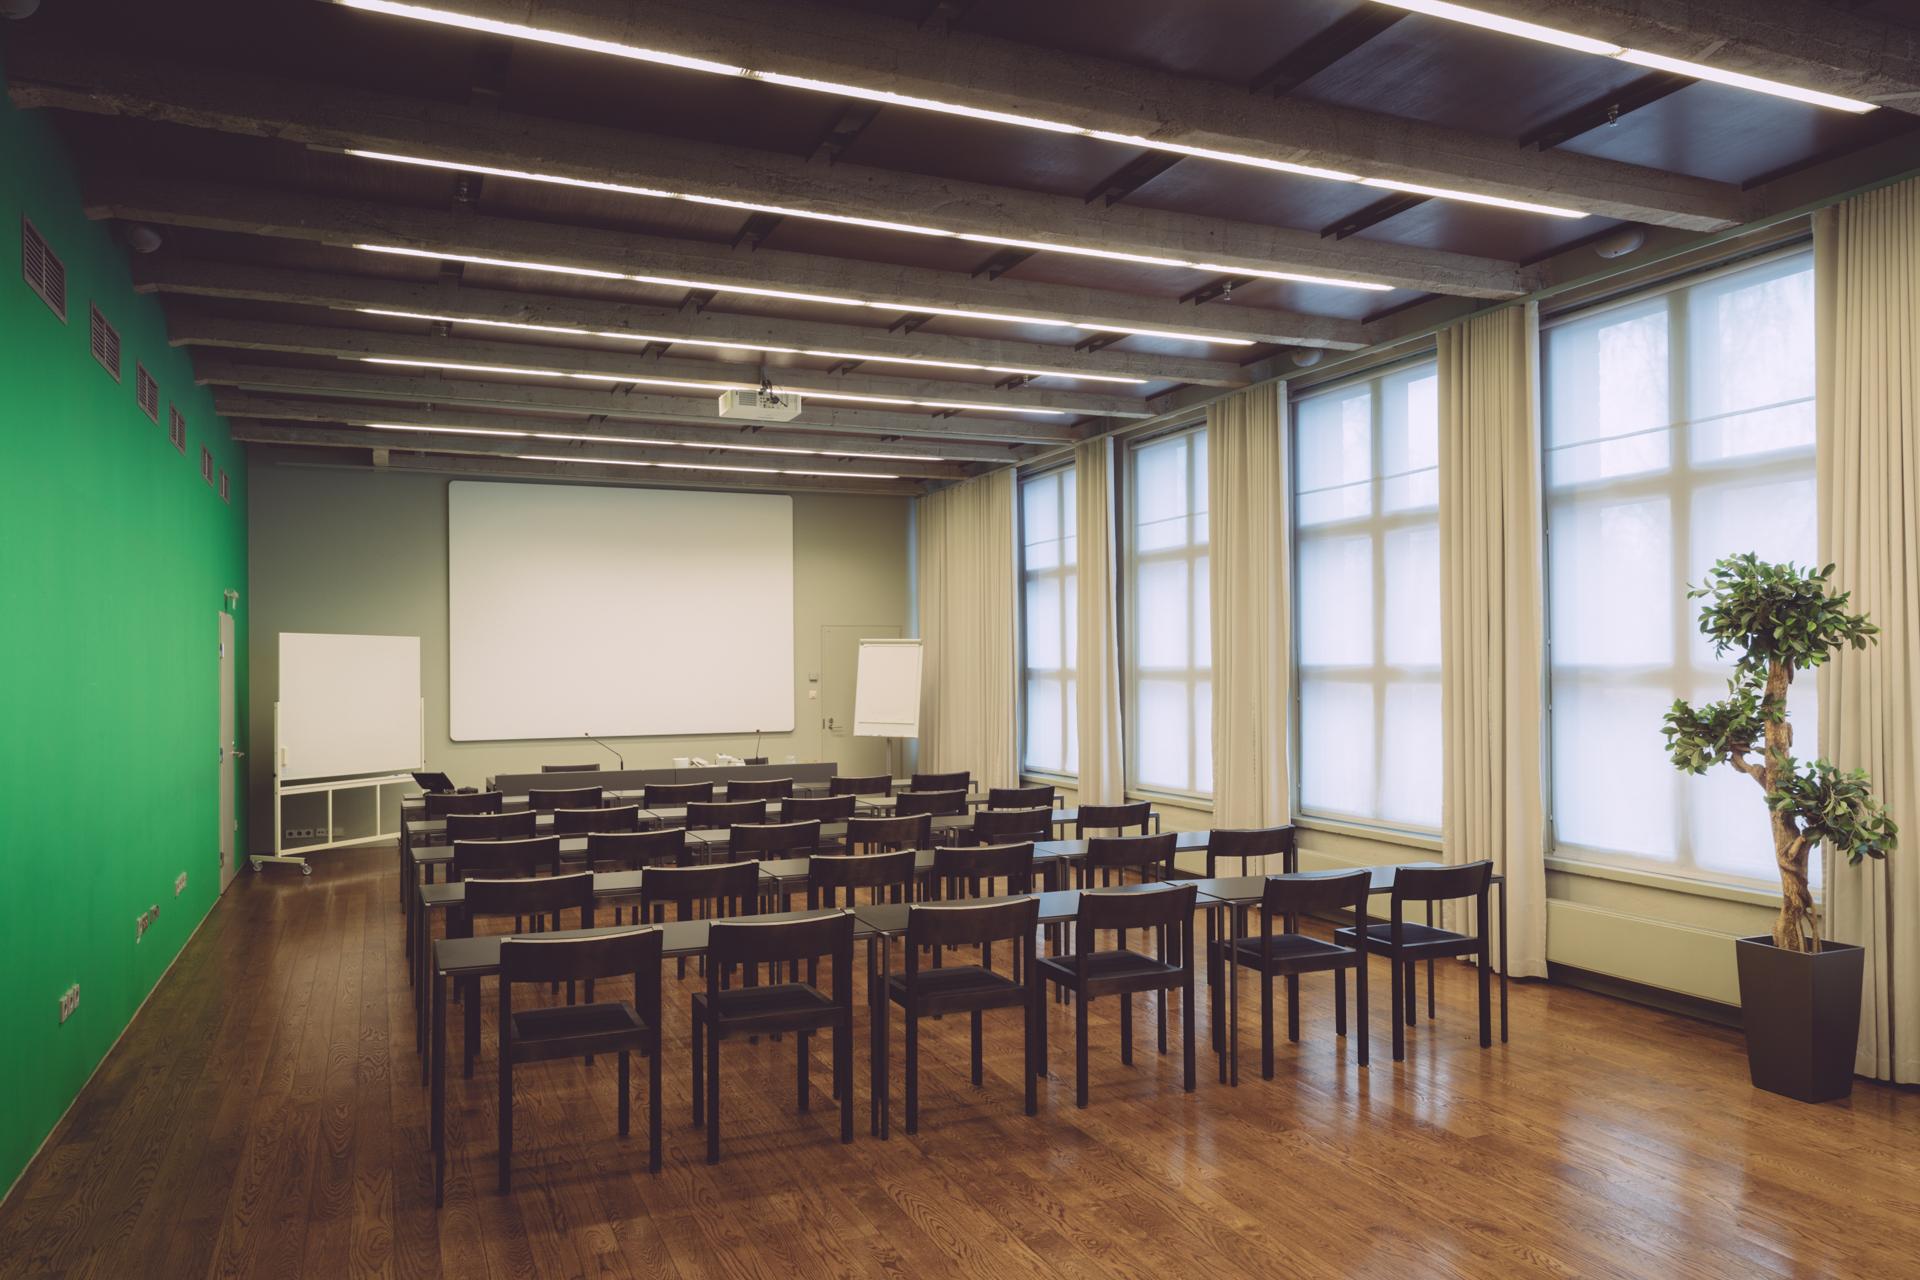 Kokoushuone 1 Verkatehdas © Jari Kivelä